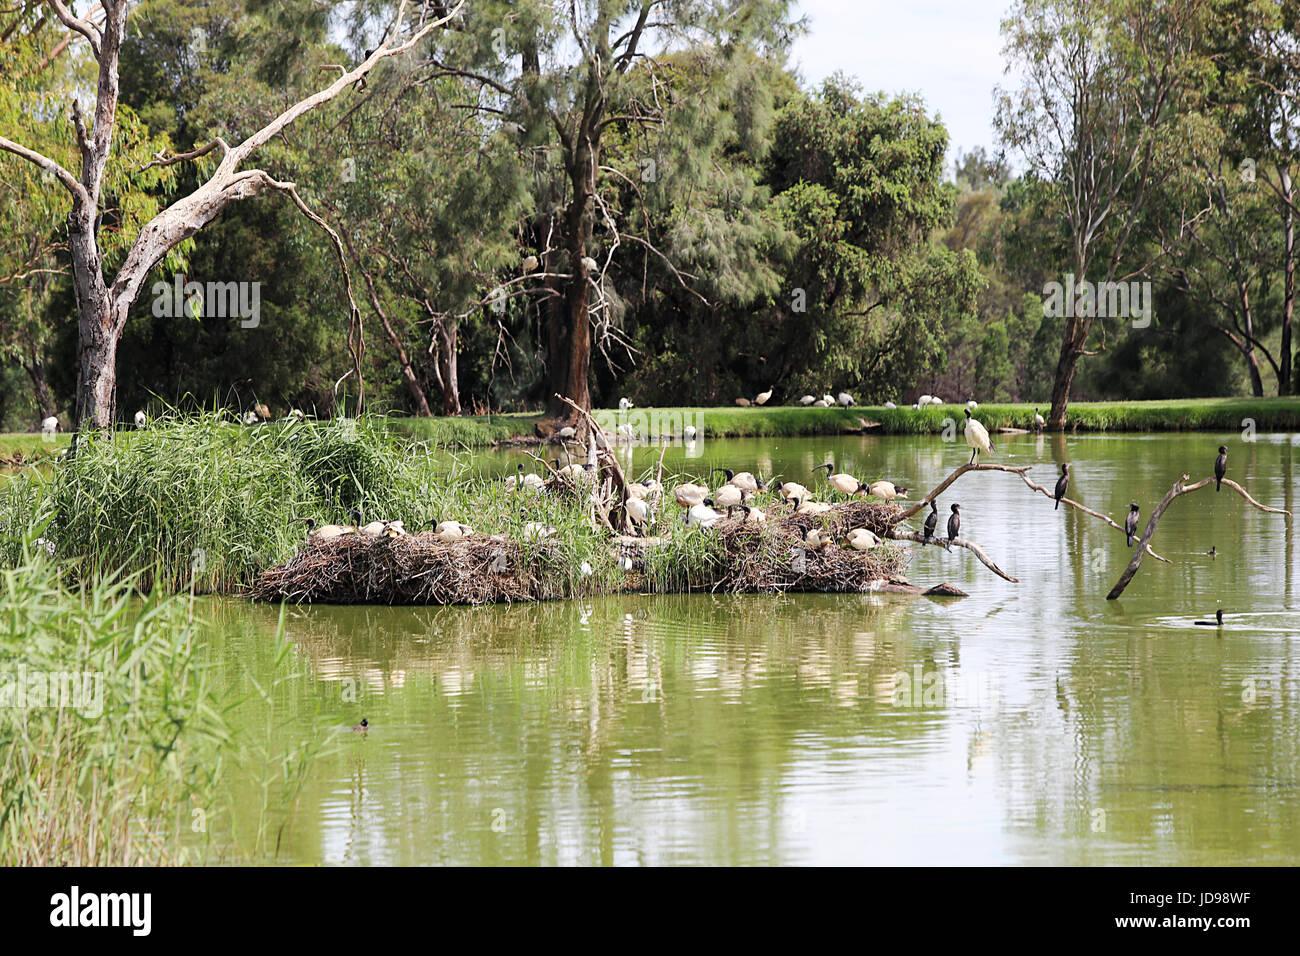 White ibises from Taronga Western Plains Zoo in Dubbo, Australia. Stock Photo